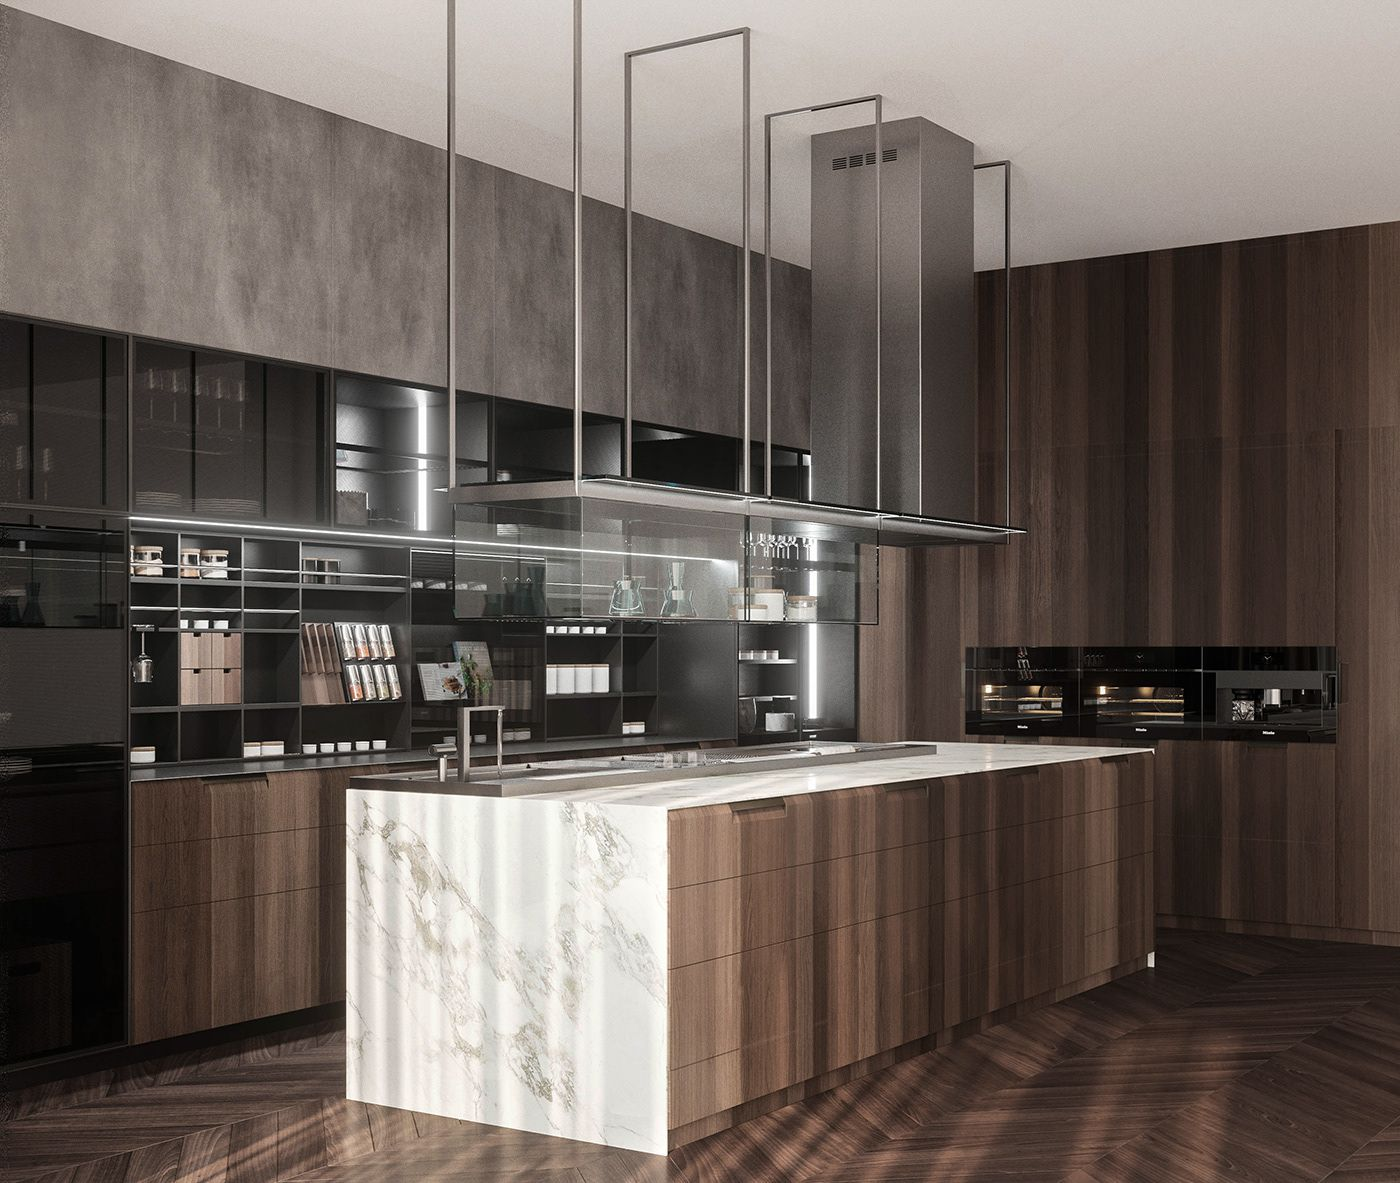 poliform kitchen on behance poliform kitchen modern kitchen on kitchen decor pitchers carafes id=61911